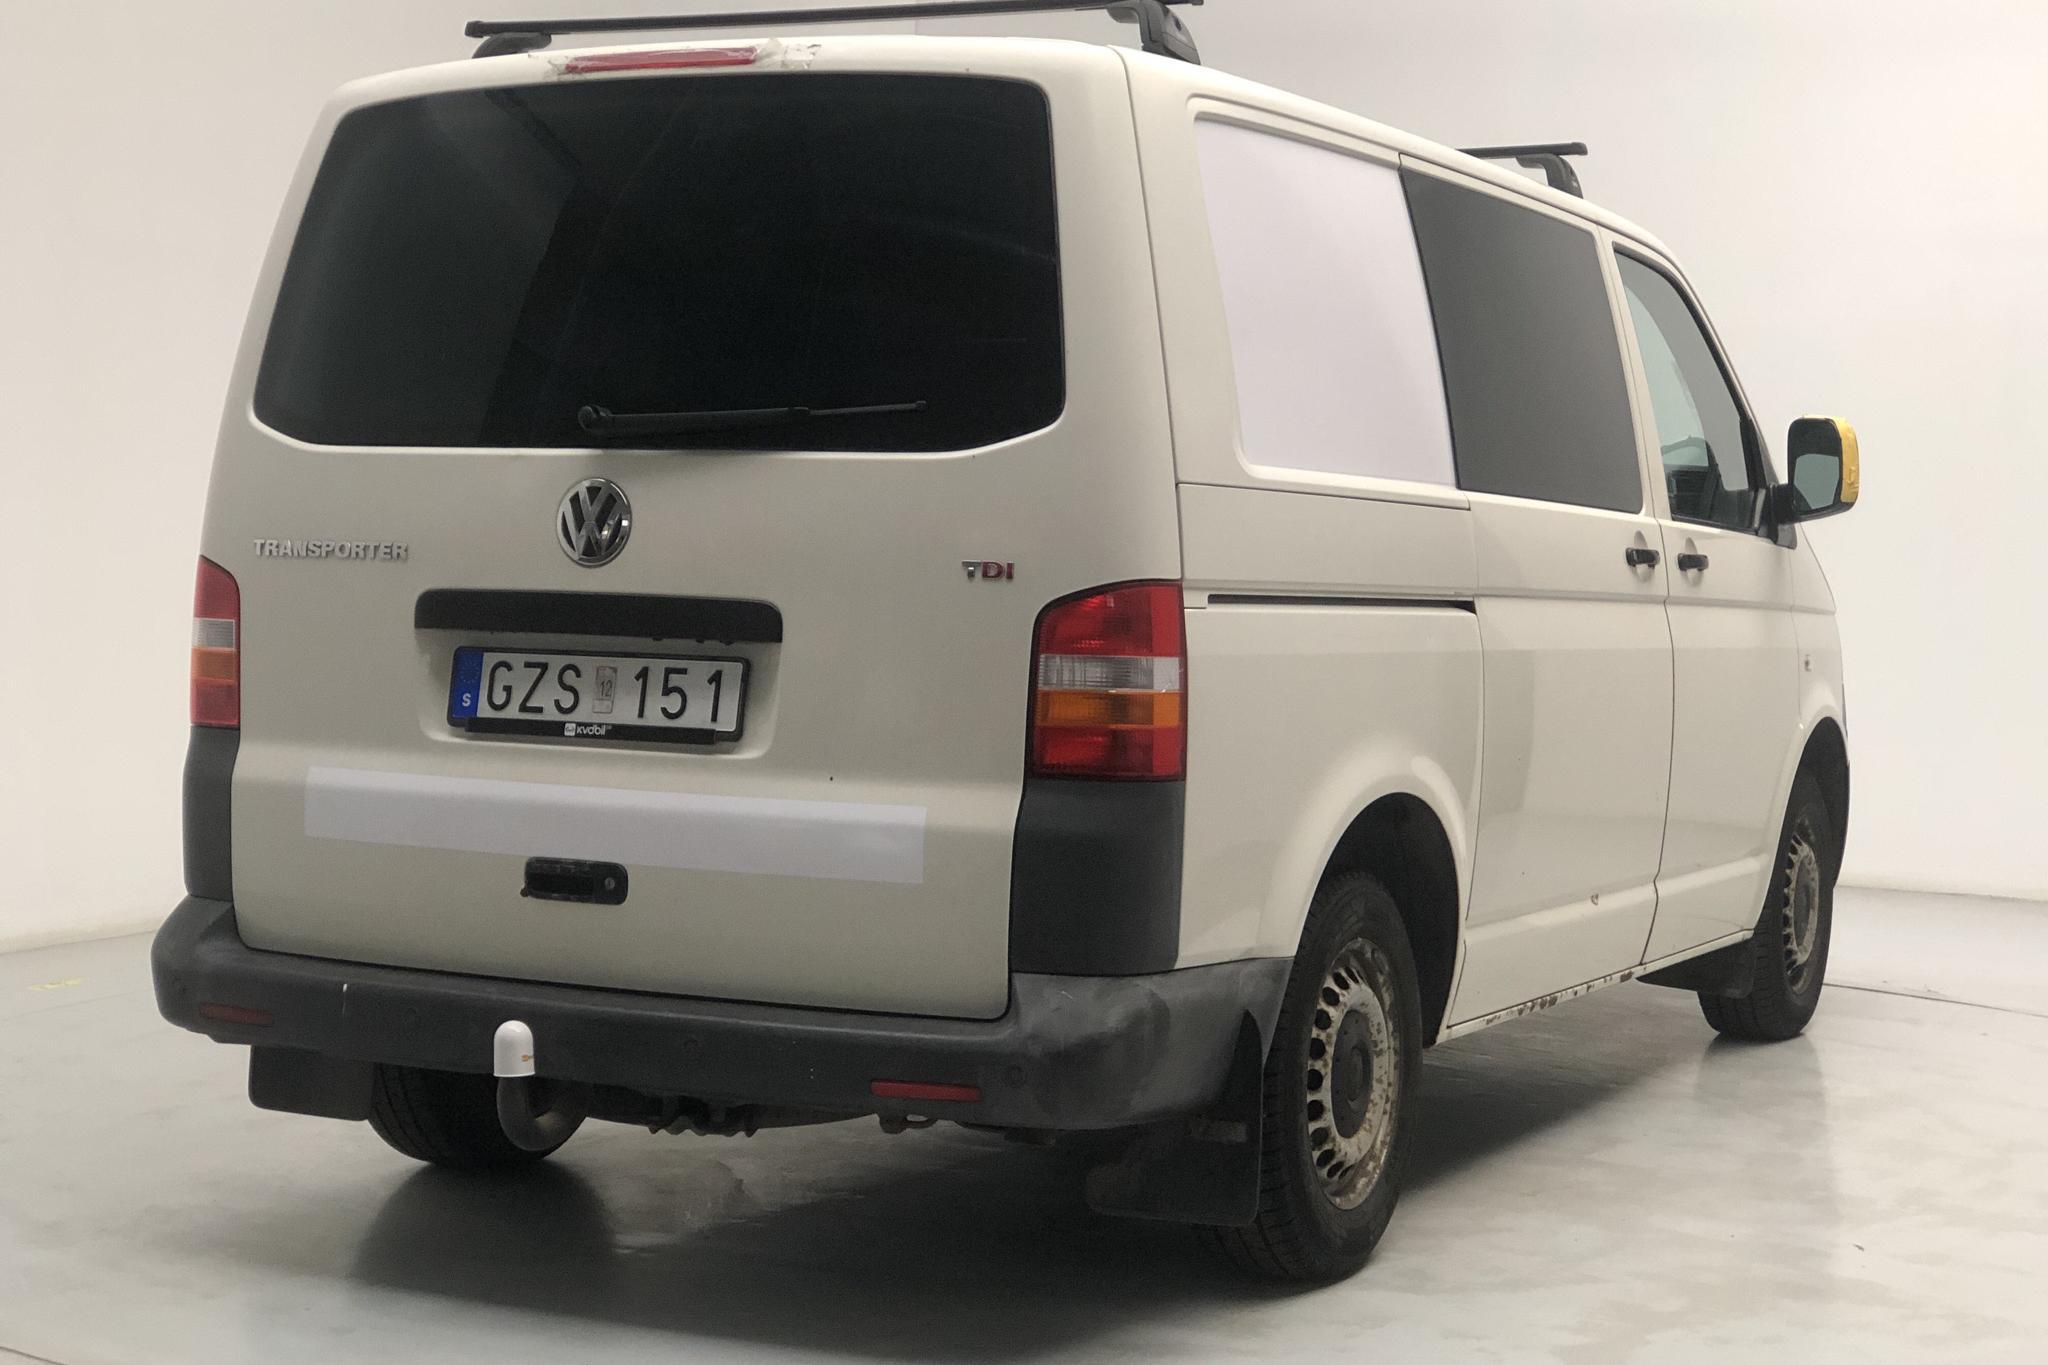 VW Transporter T5 2.5 TDI (130hk) - 15 087 mil - Automat - vit - 2008